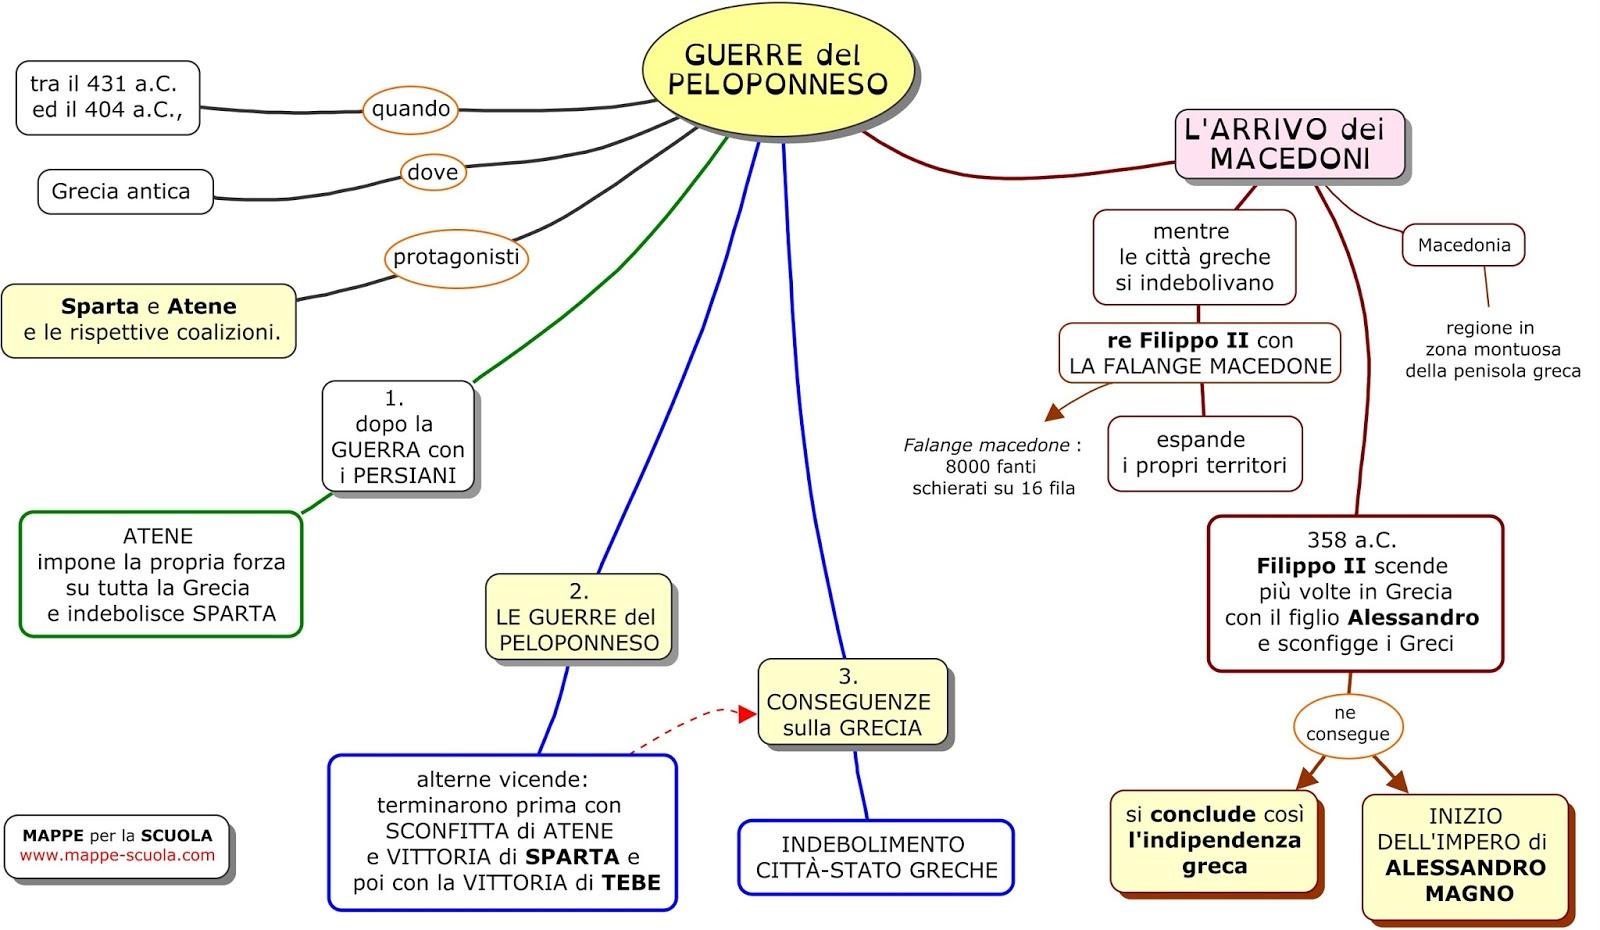 Mappe Per La Scuola Guerra Del Peloponneso